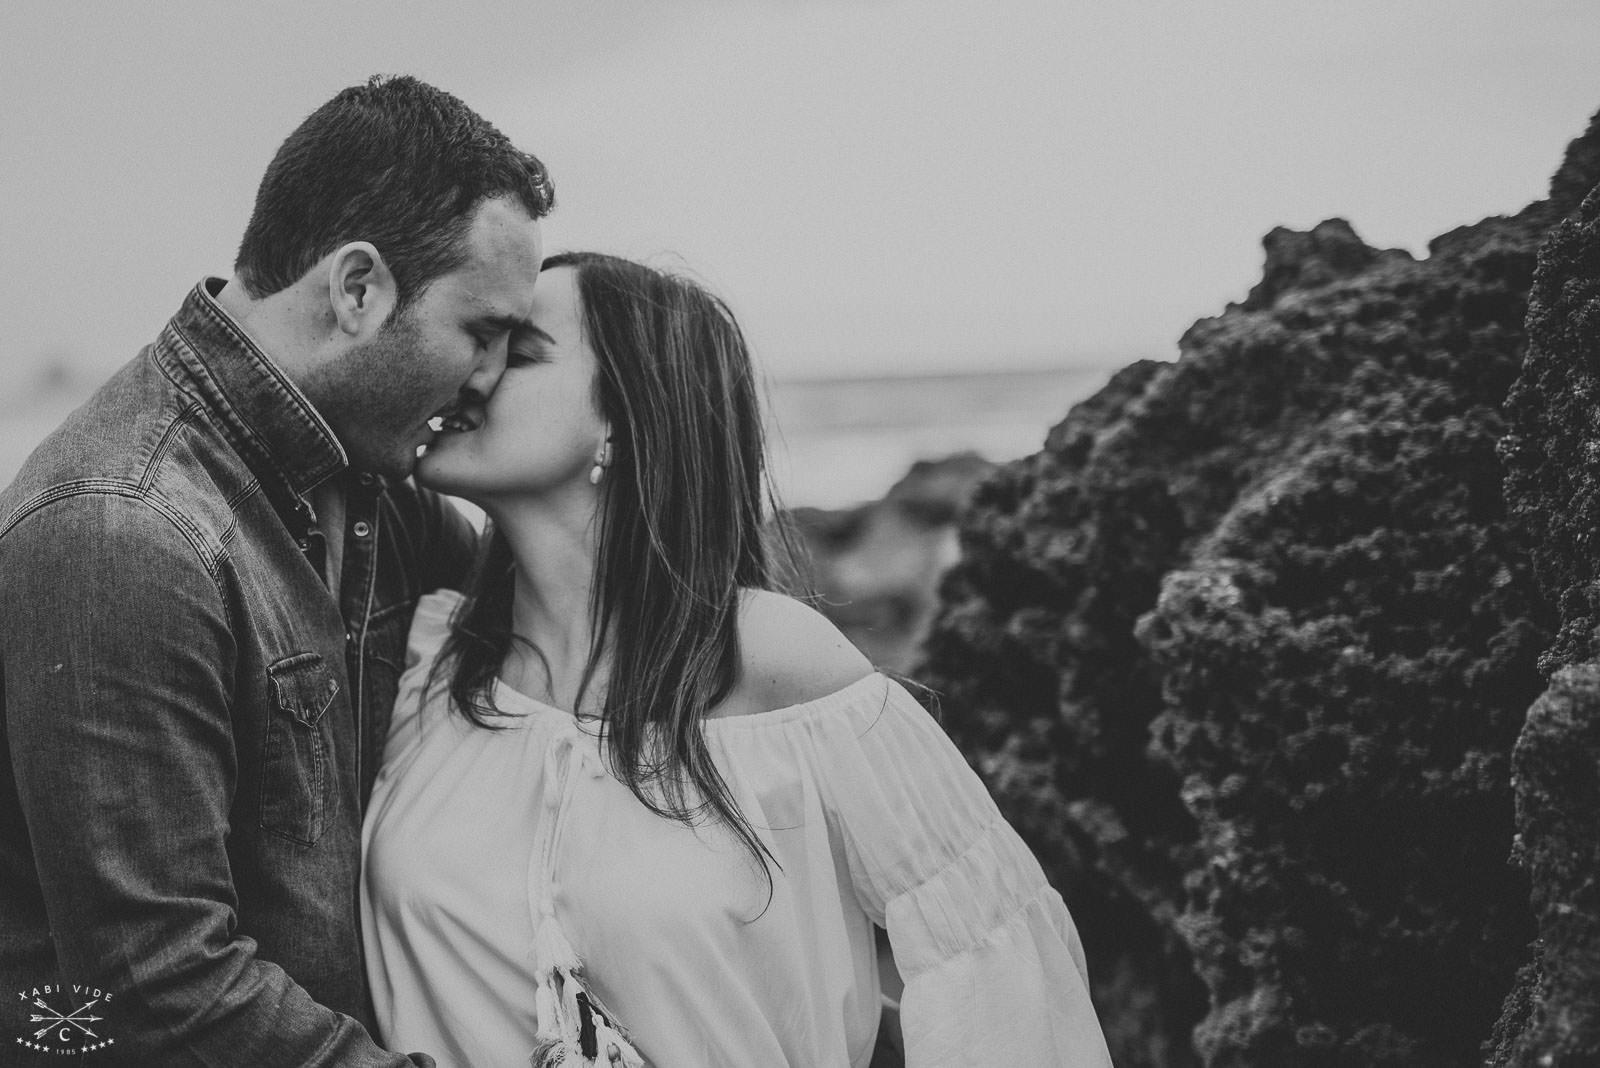 fotografo+de+bodas+en+cantabria-31